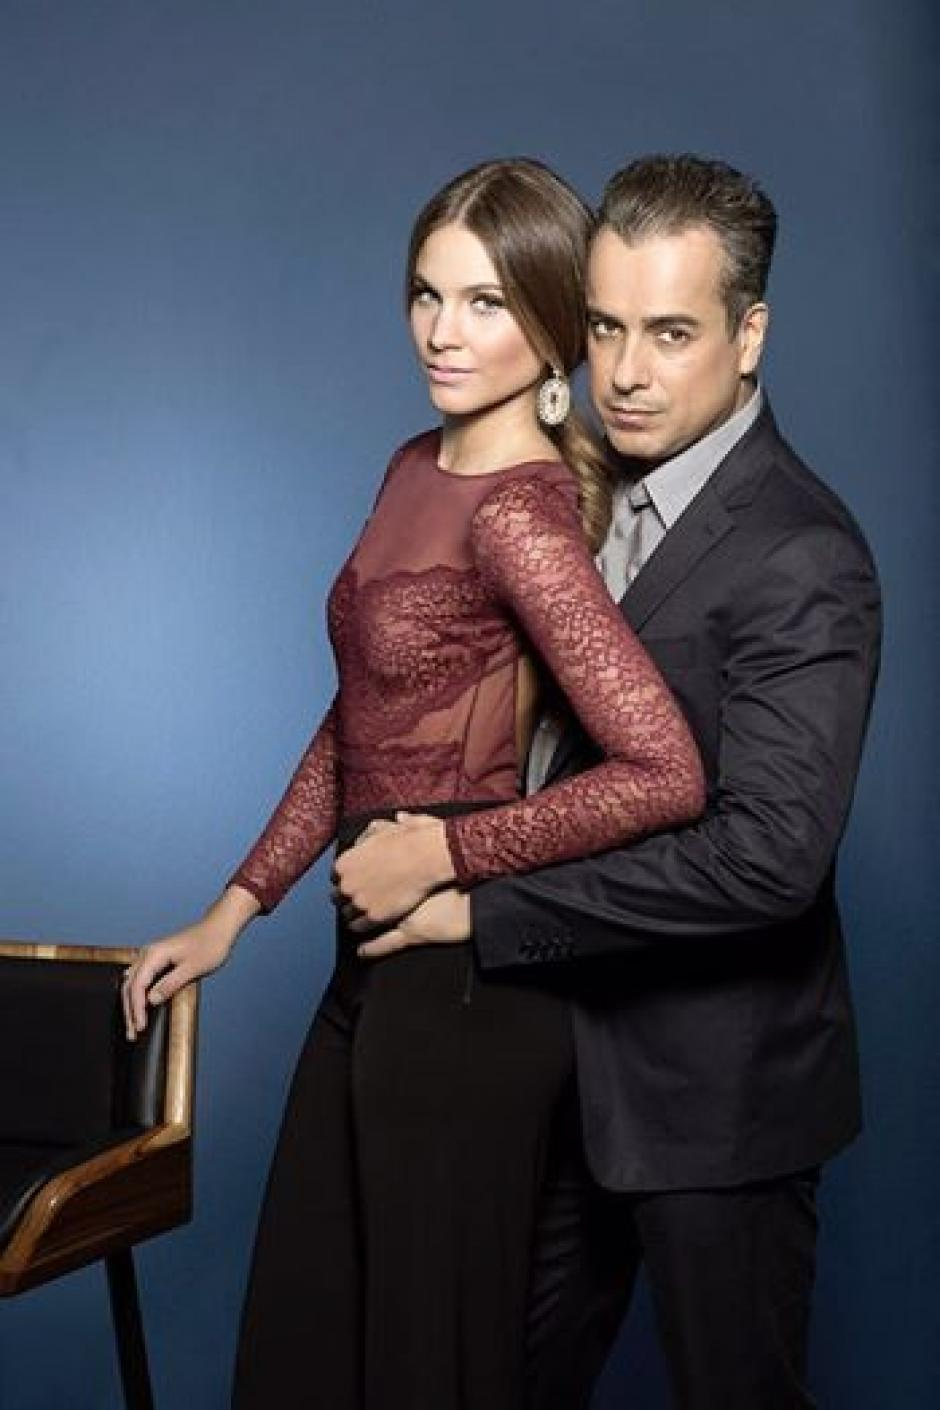 El actor ya estuvo casado anteriormente, pero se divorció en 2006. (Foto: Instagram Jore Enrique Abello)